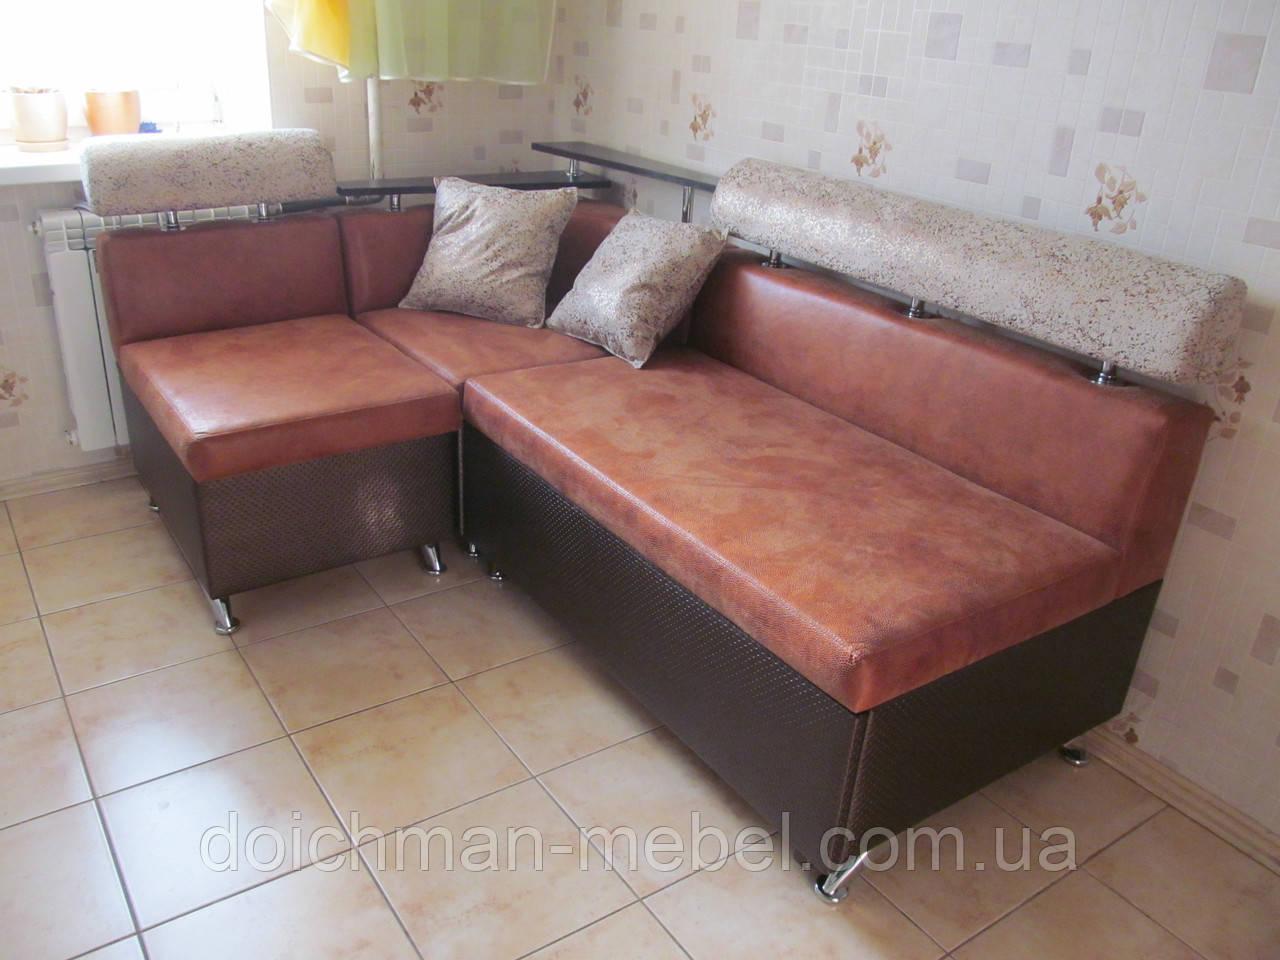 Кухонный диван с полками раскладной на заказ